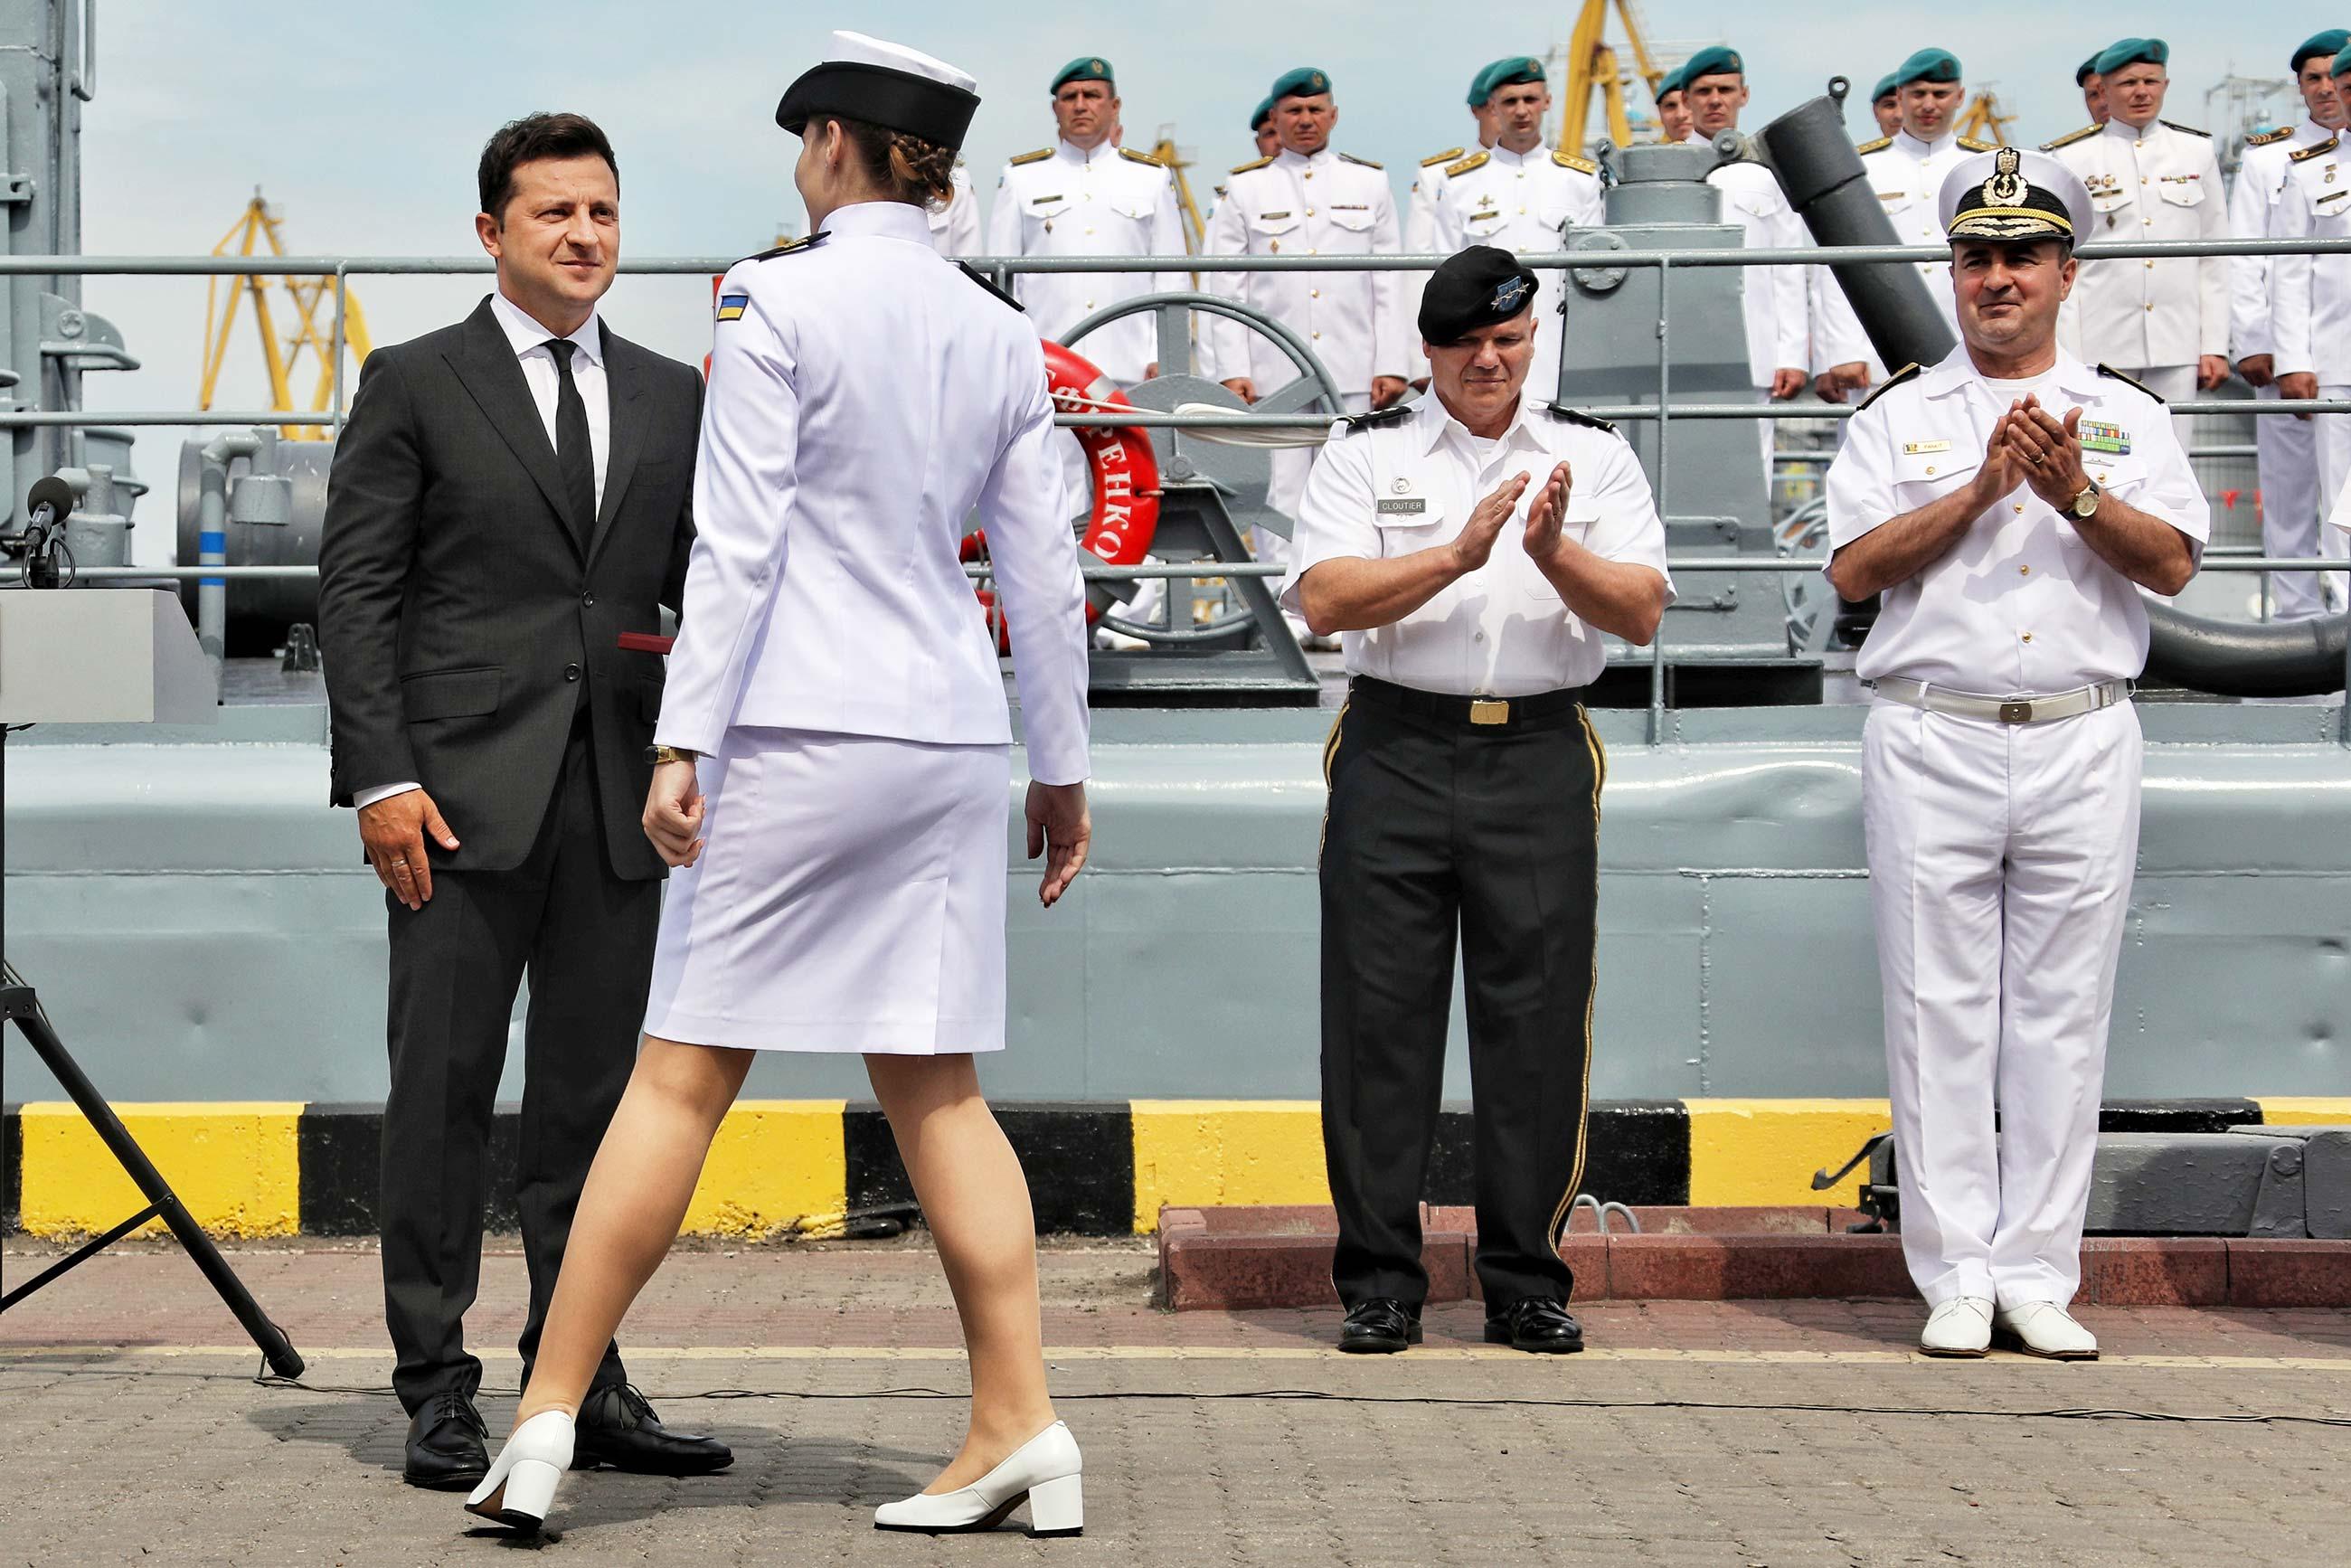 gettyimages 1233813461 - <b>Без крейсера «Україна», та з «Айлендами» і «москітами»:</b> що відбувається з українським військовим флотом? - Заборона